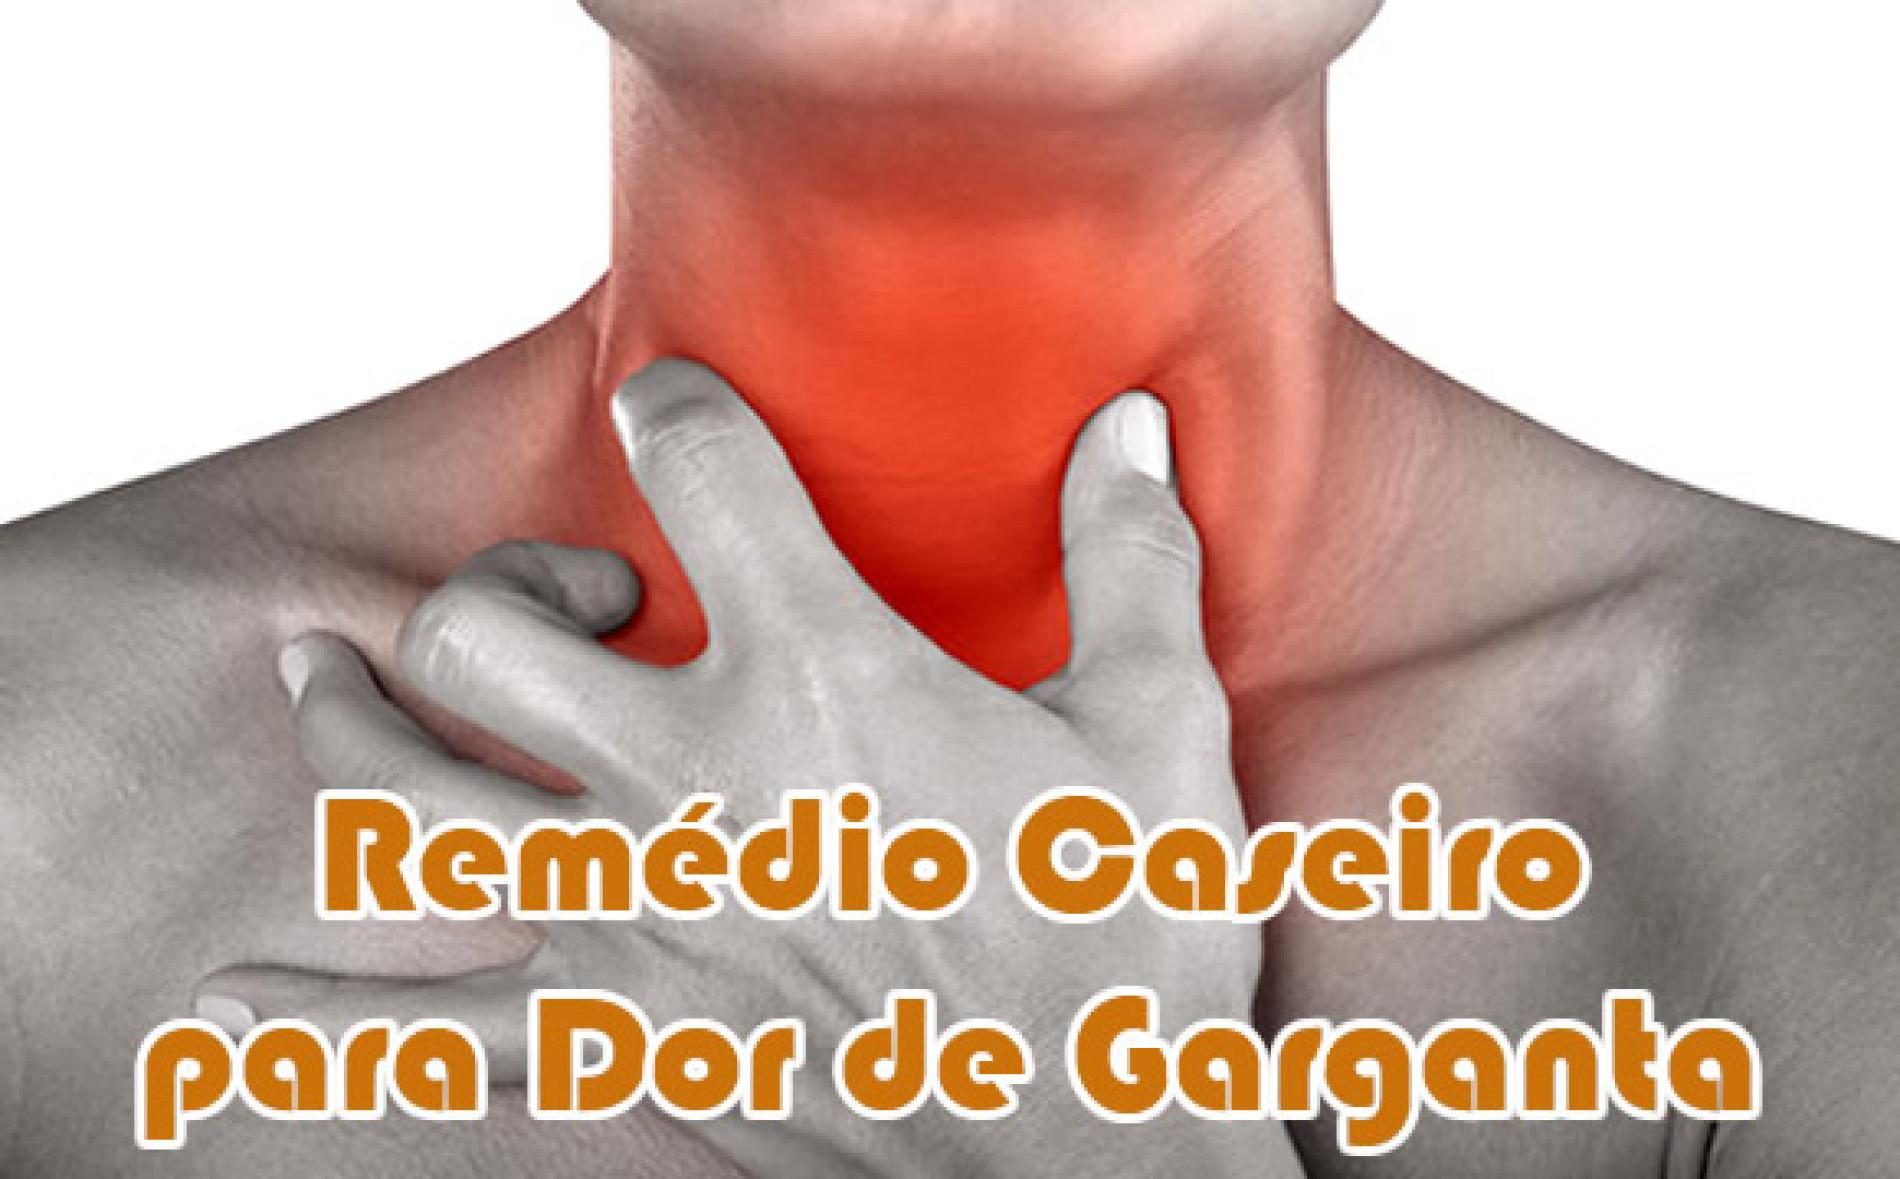 Como fazer remedio caseiro para dor de garganta